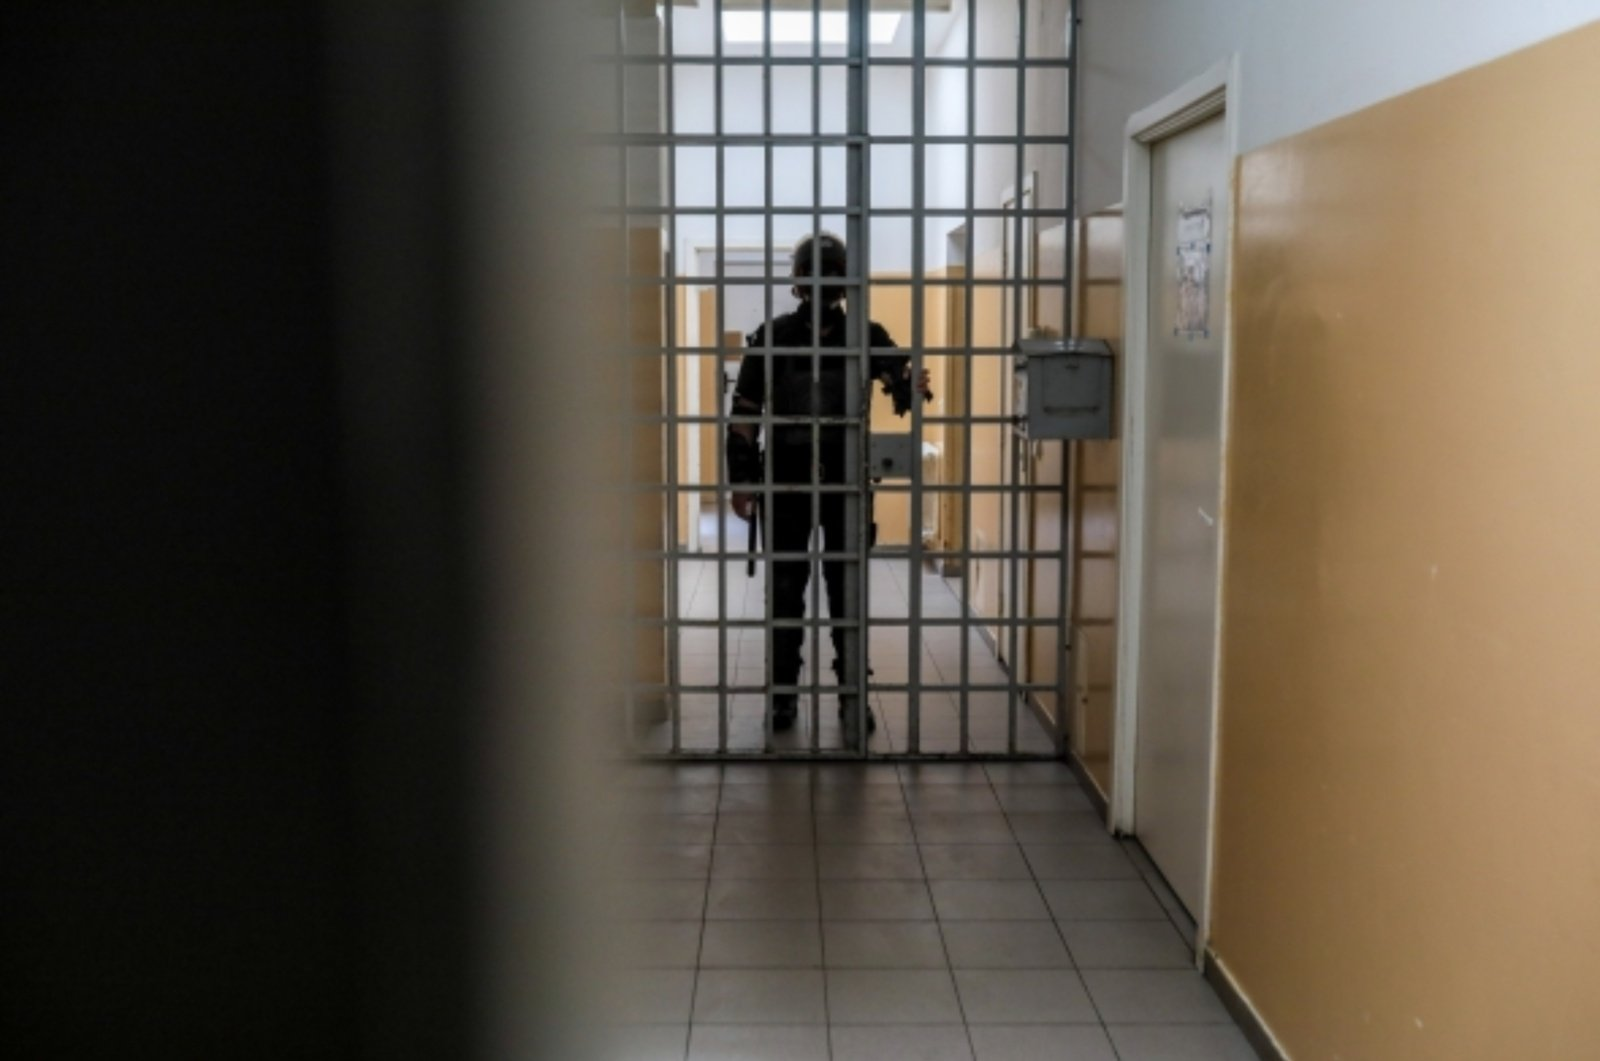 Nuteistasis, grasinęs žaloti kitus kalinius ir pareigūnus, teismui skundėsi dėl antrankių panaudojimo